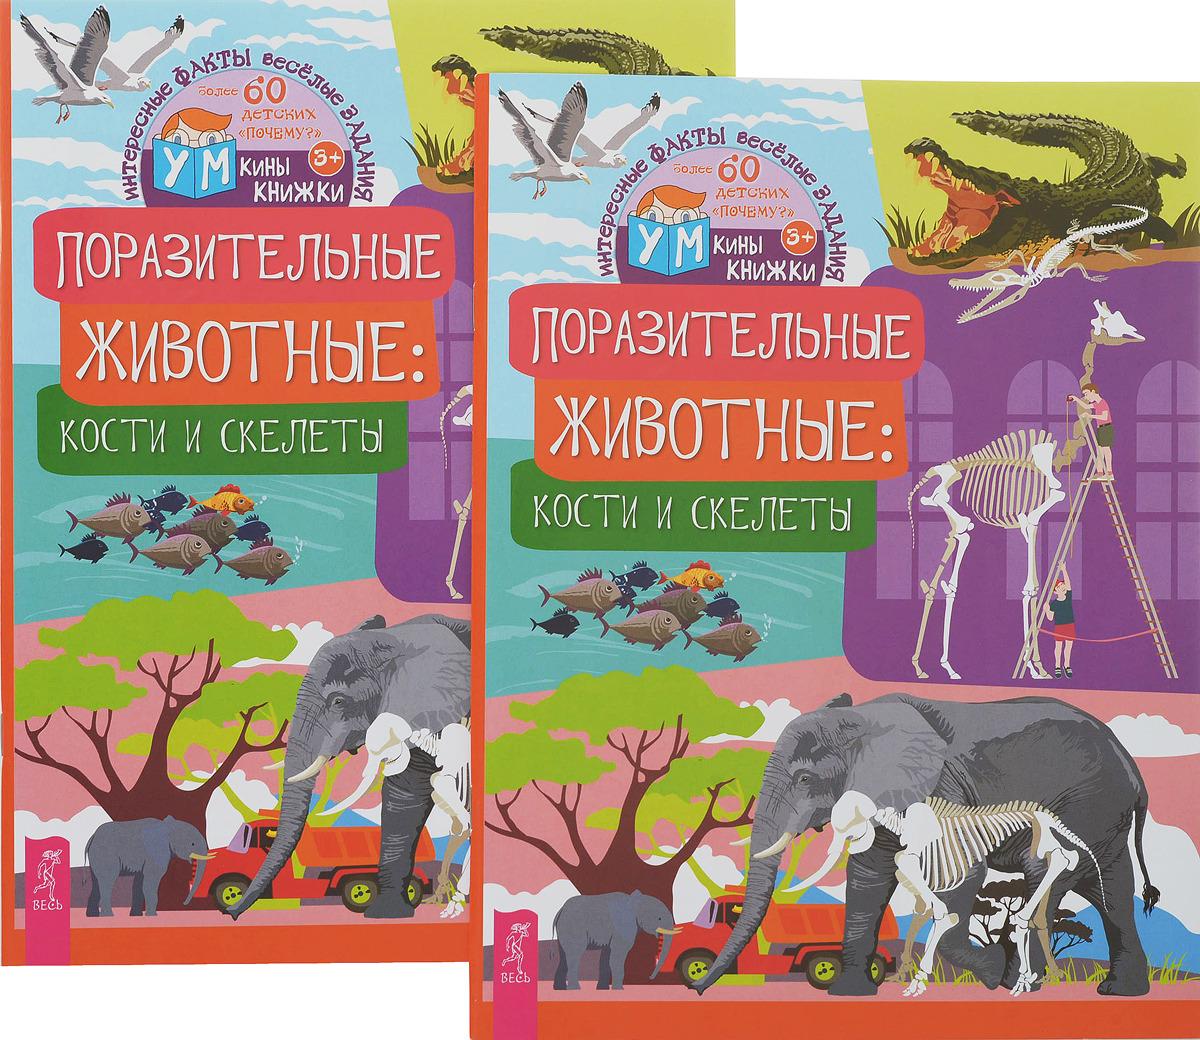 все цены на Г. Лапис Поразительные животные. Кости и скелеты (комплект из 2 книг) онлайн